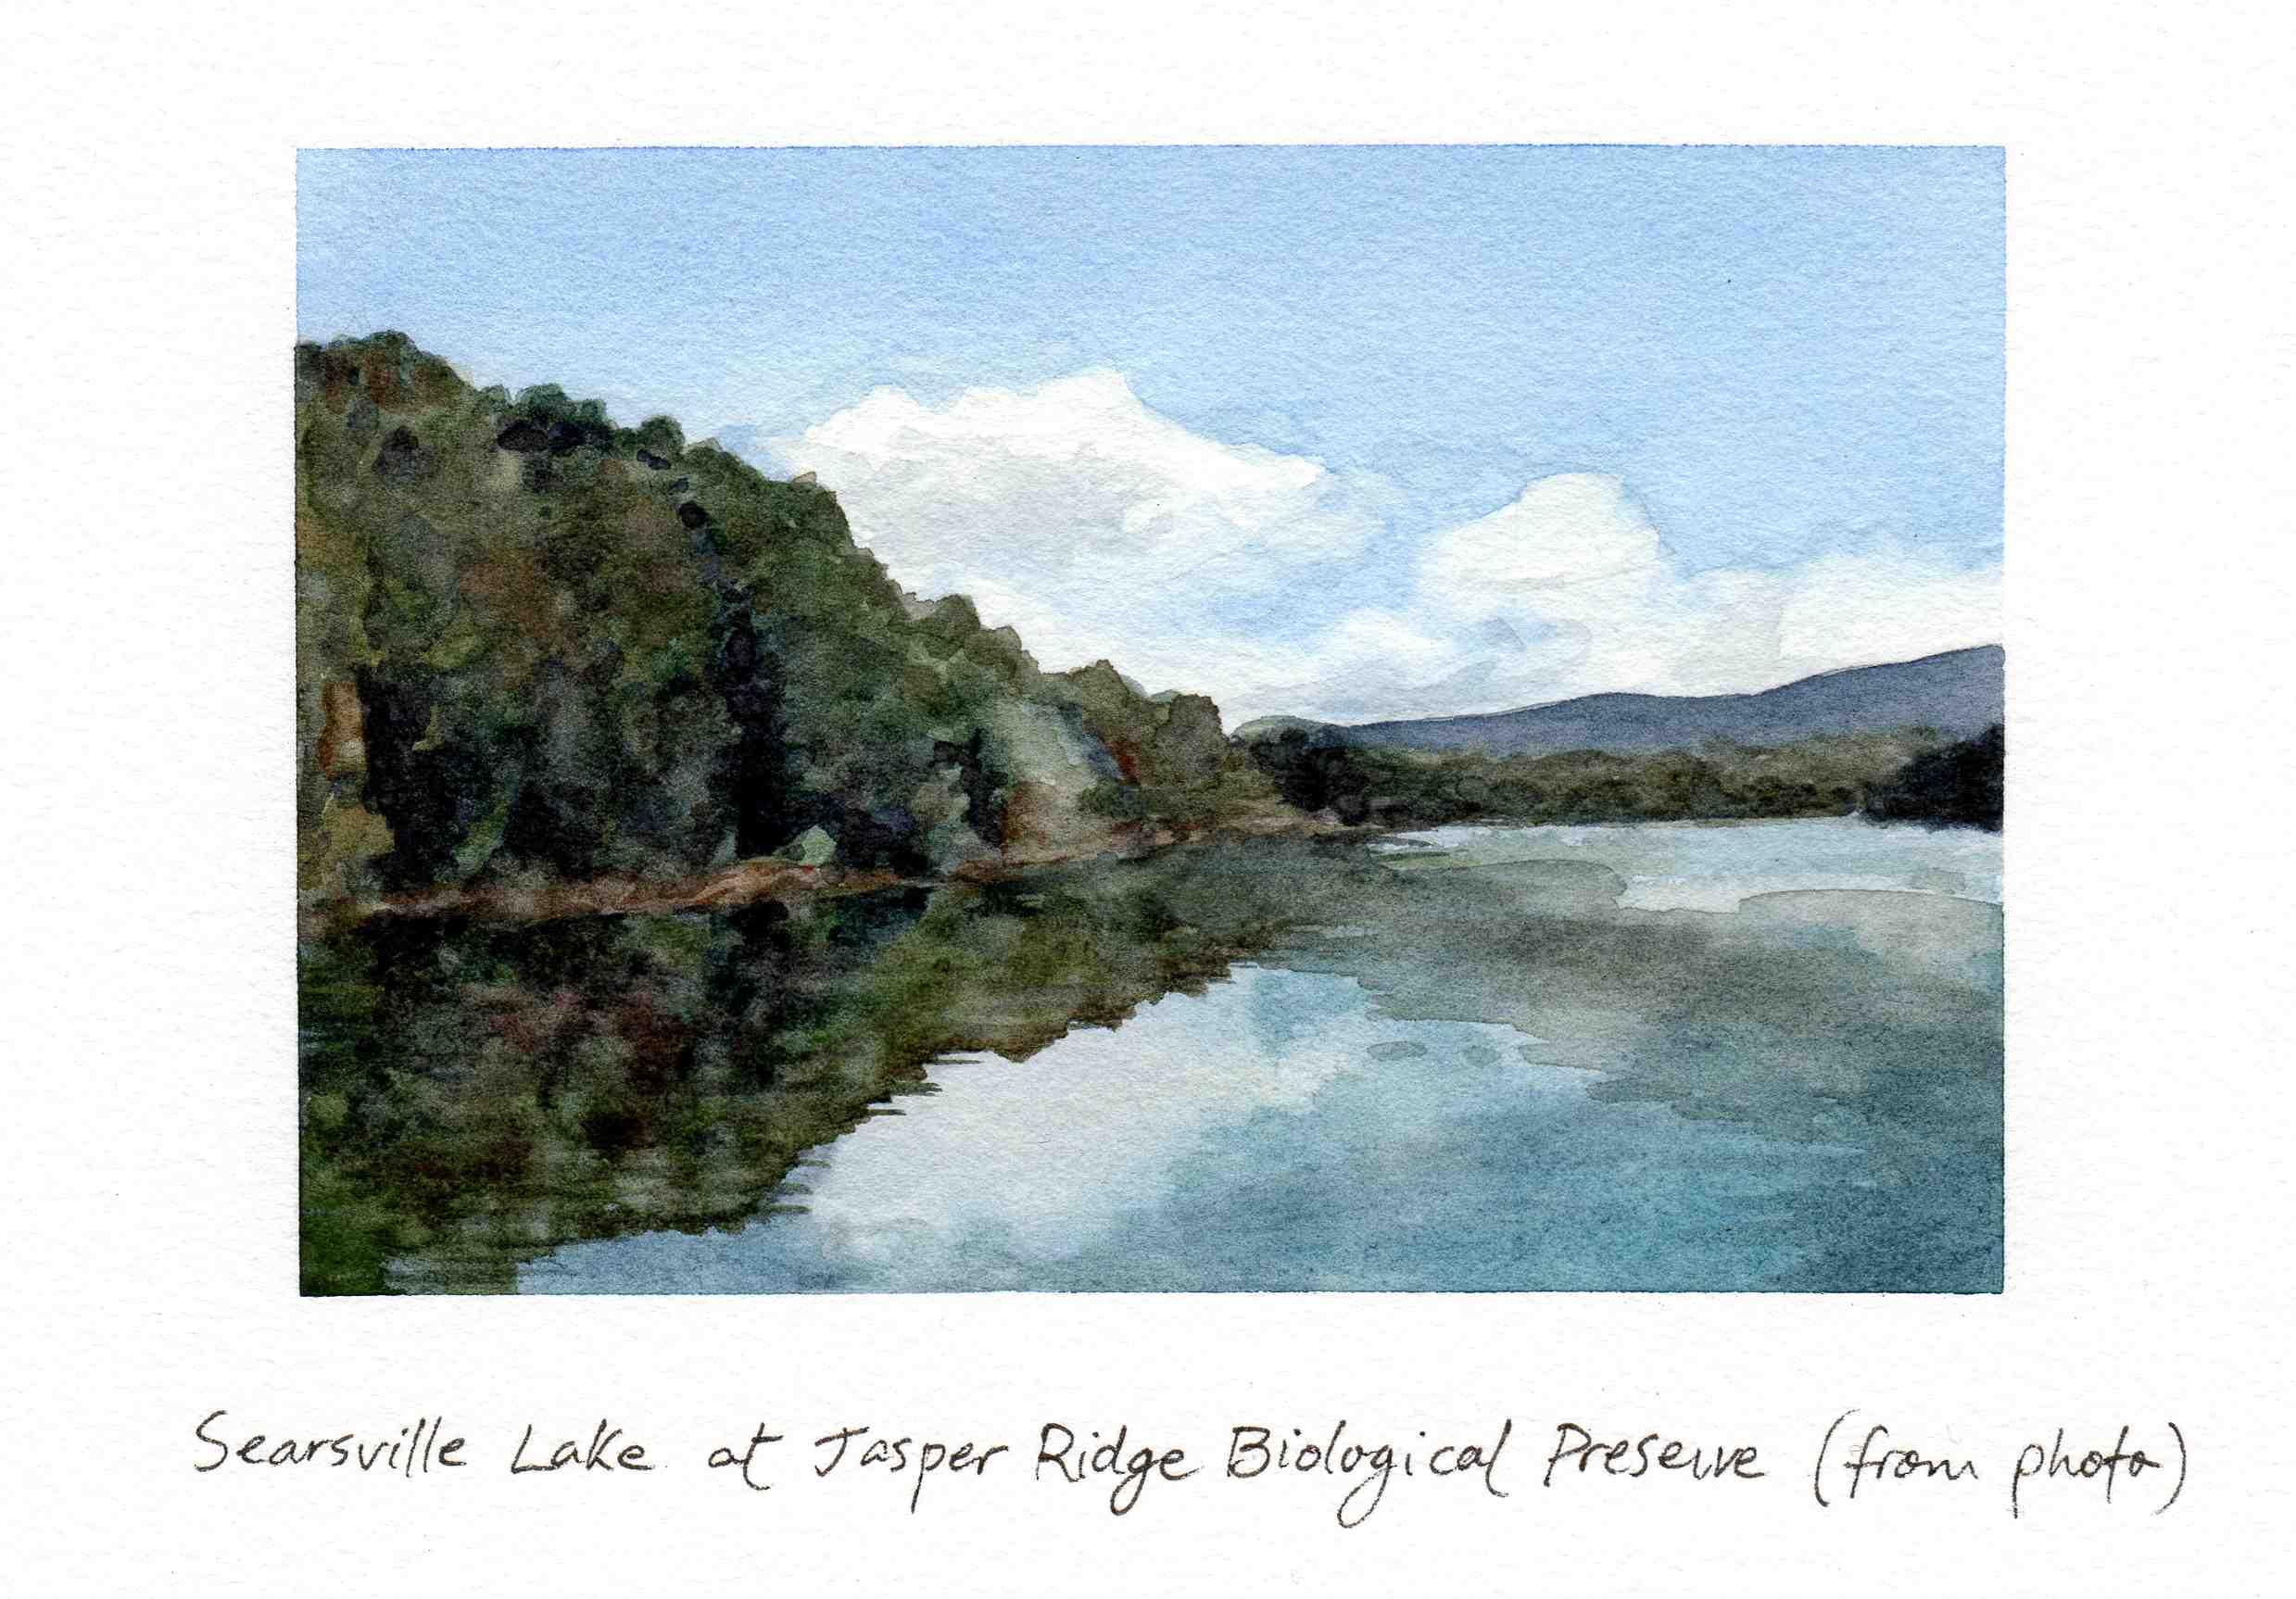 Searsville Lake